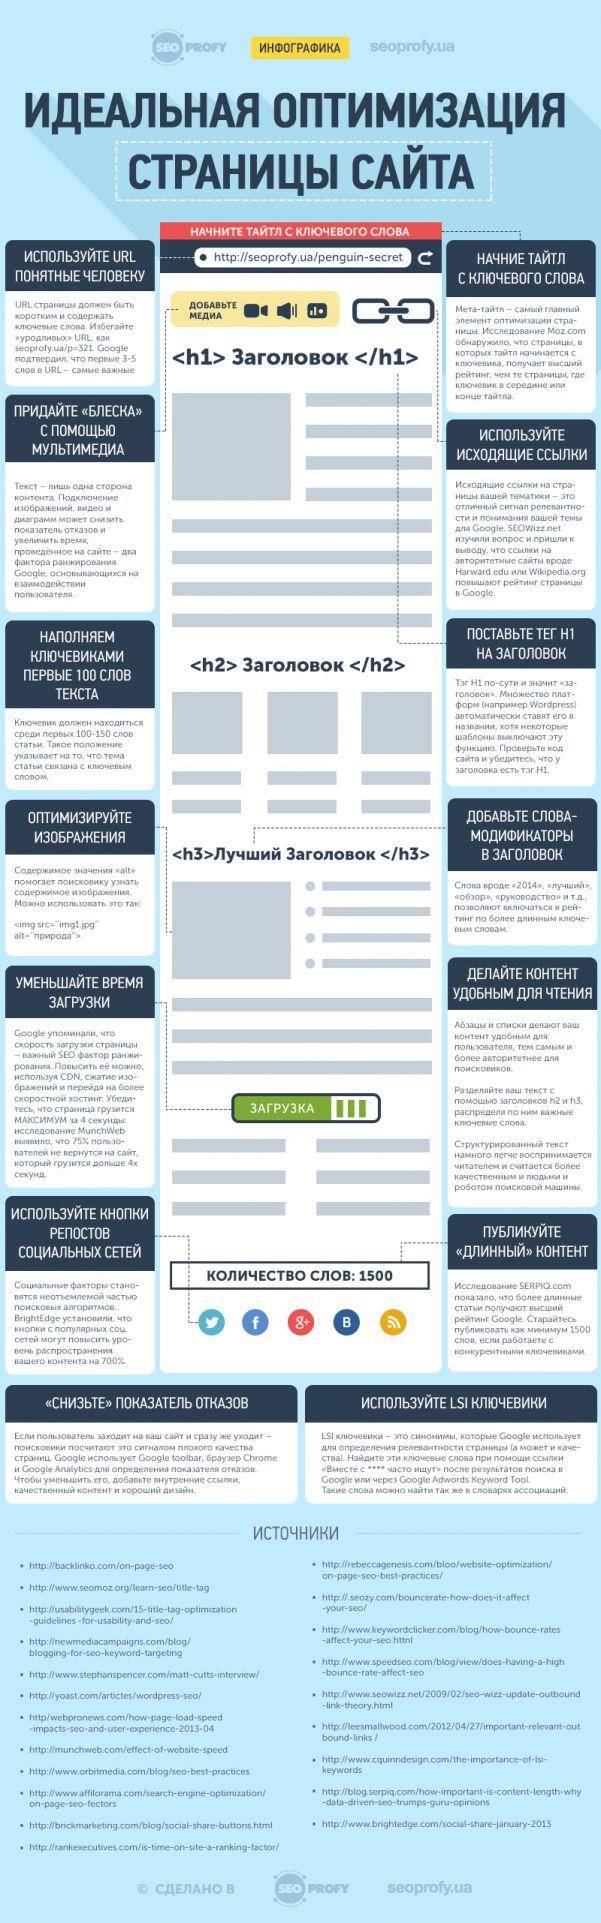 Идеальная оптимизация страницы сайта – 14 ключевых факторов